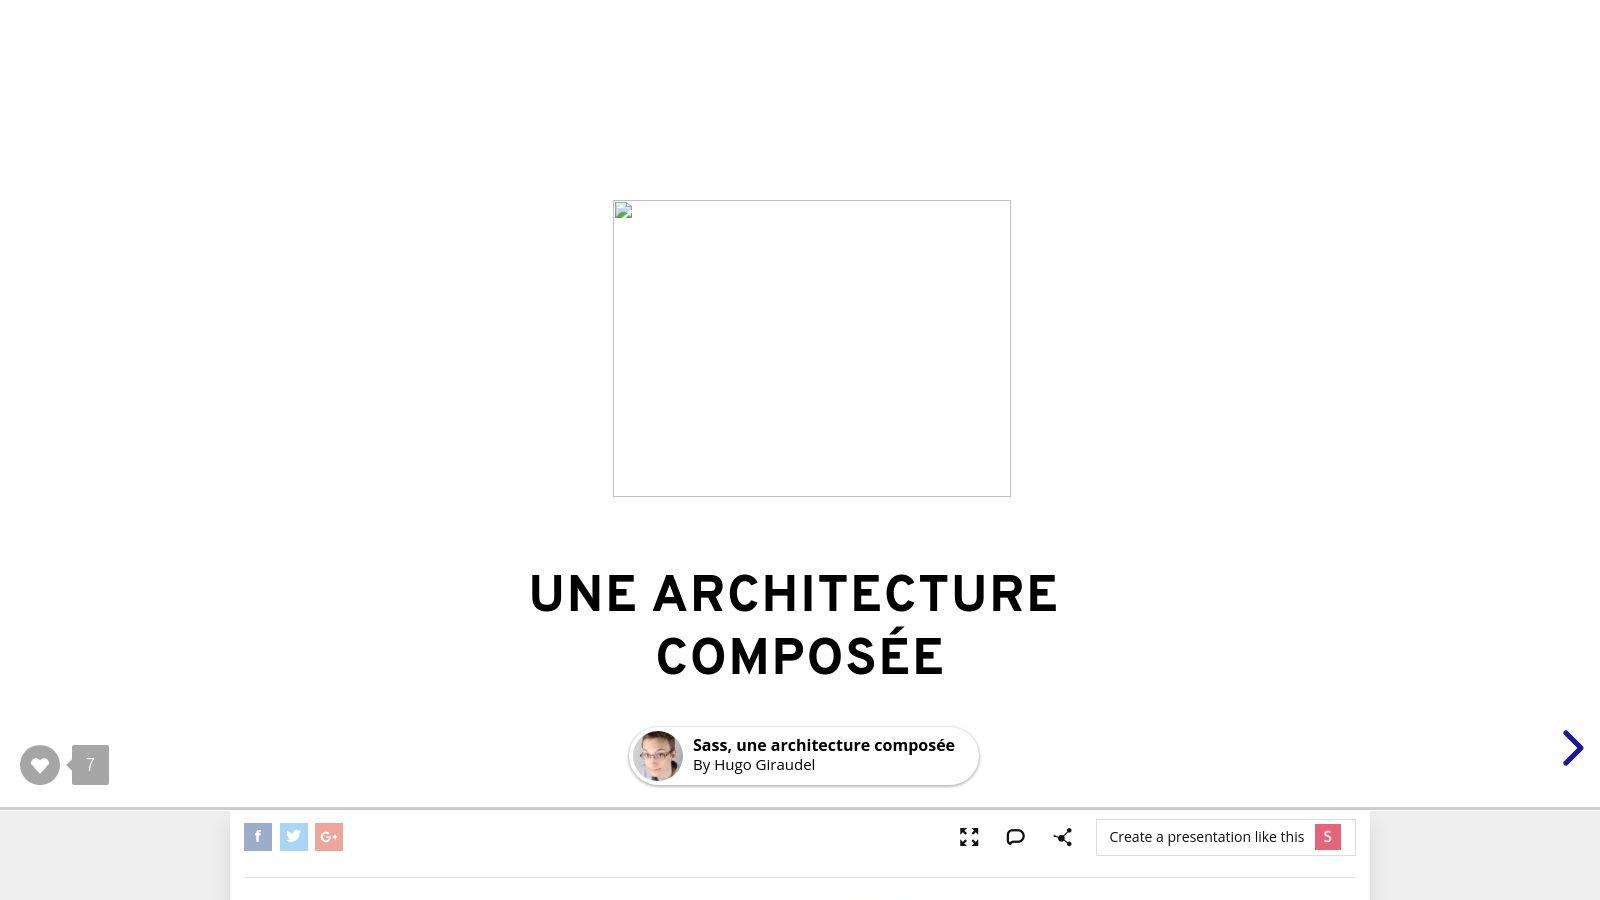 Sass, une architecture composée